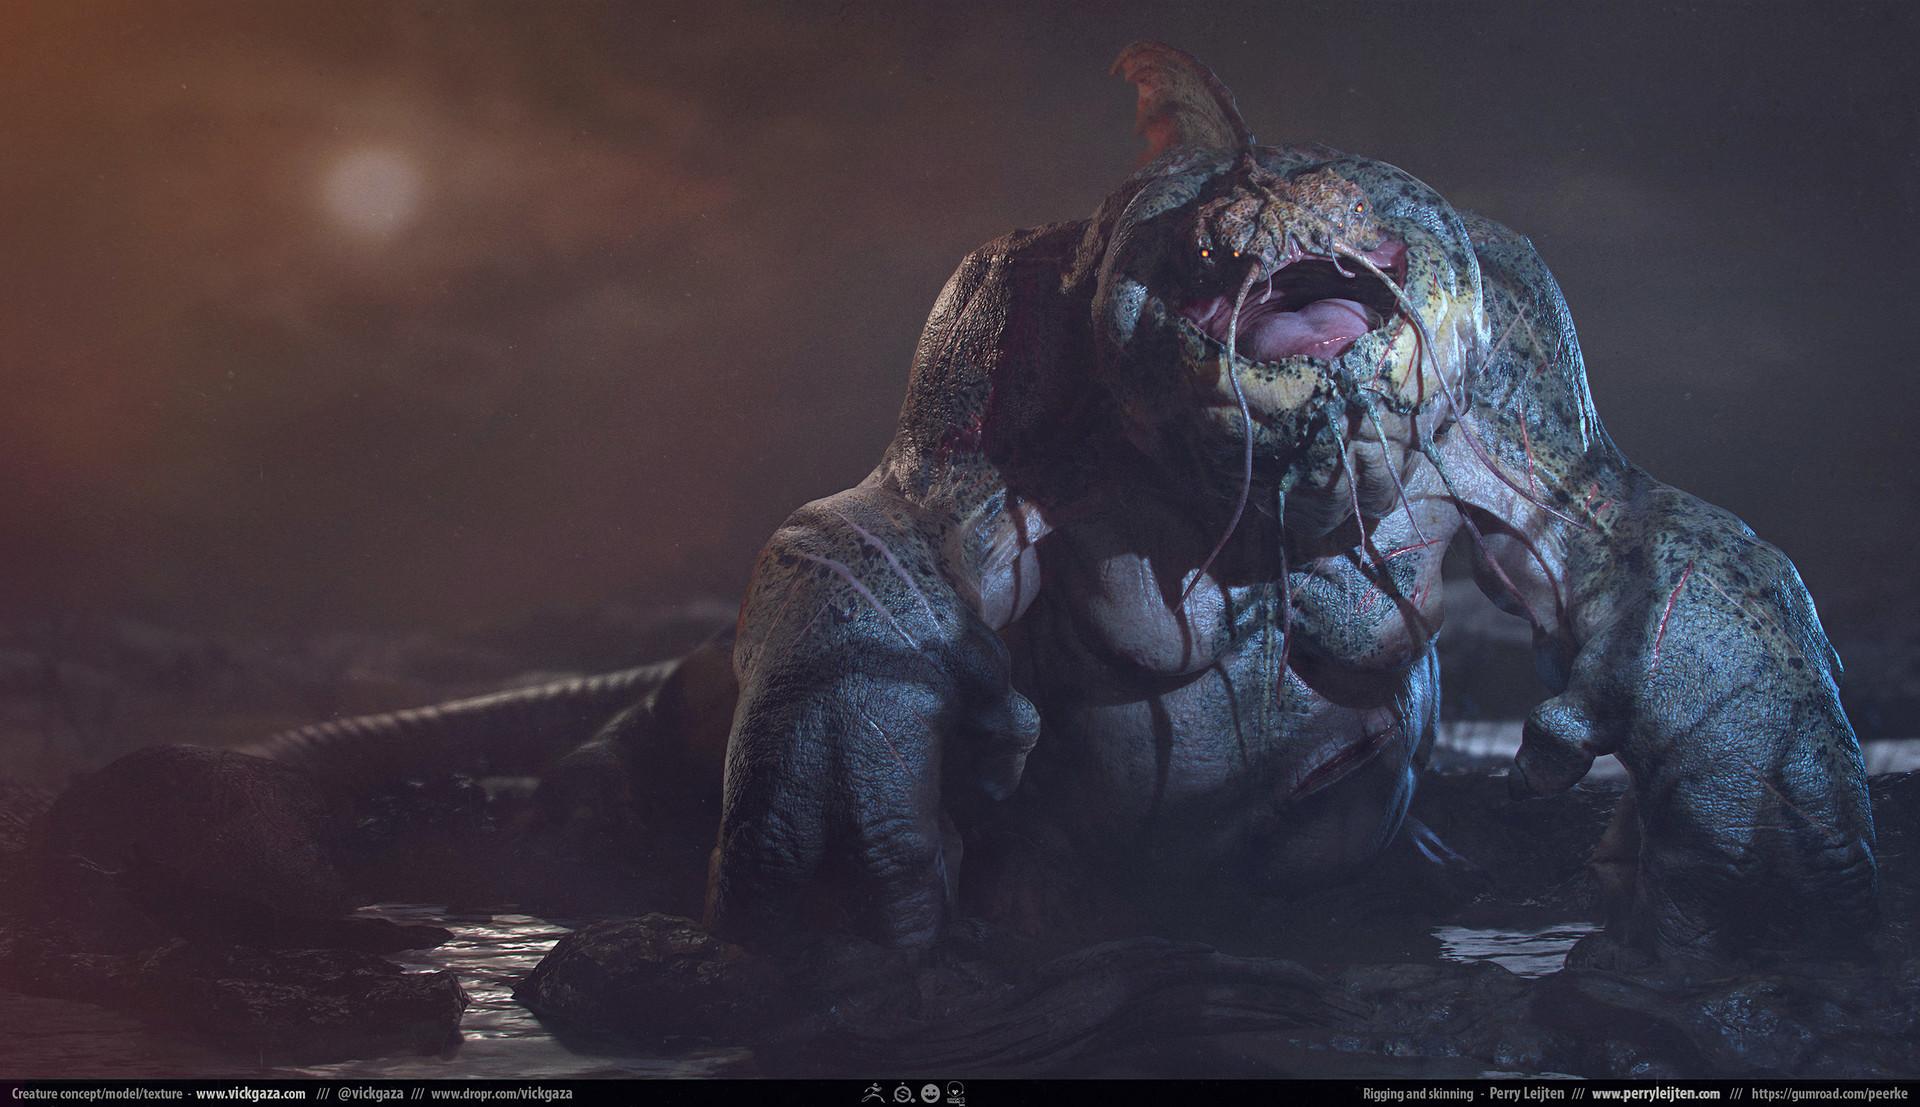 3D Printed Blurgha - The Beast by vickgaza | Pinshape